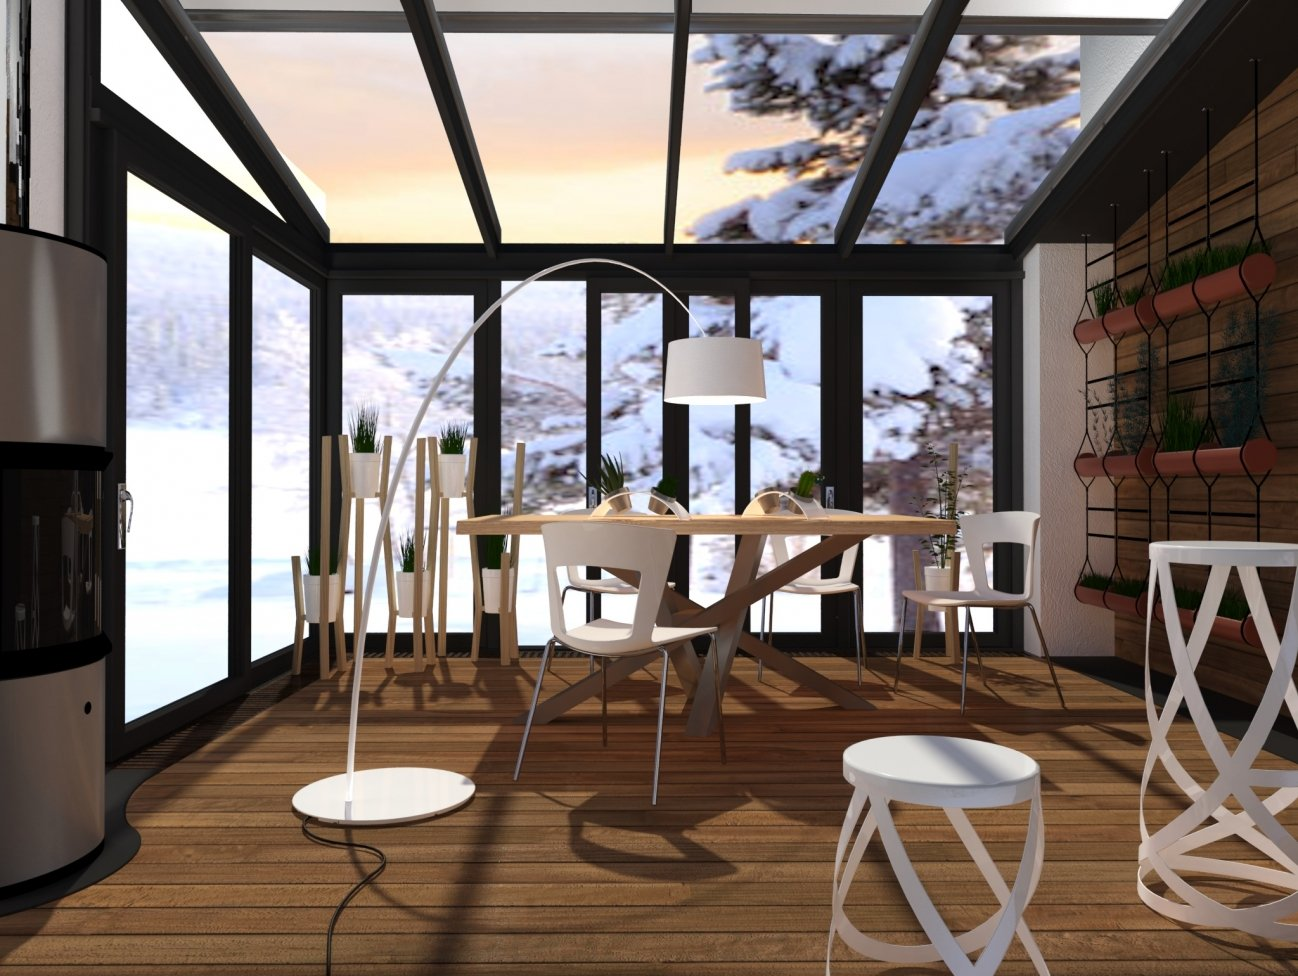 Serra Bioclimatica Normativa Lombardia fare la veranda per il giardino d'inverno - cose di casa